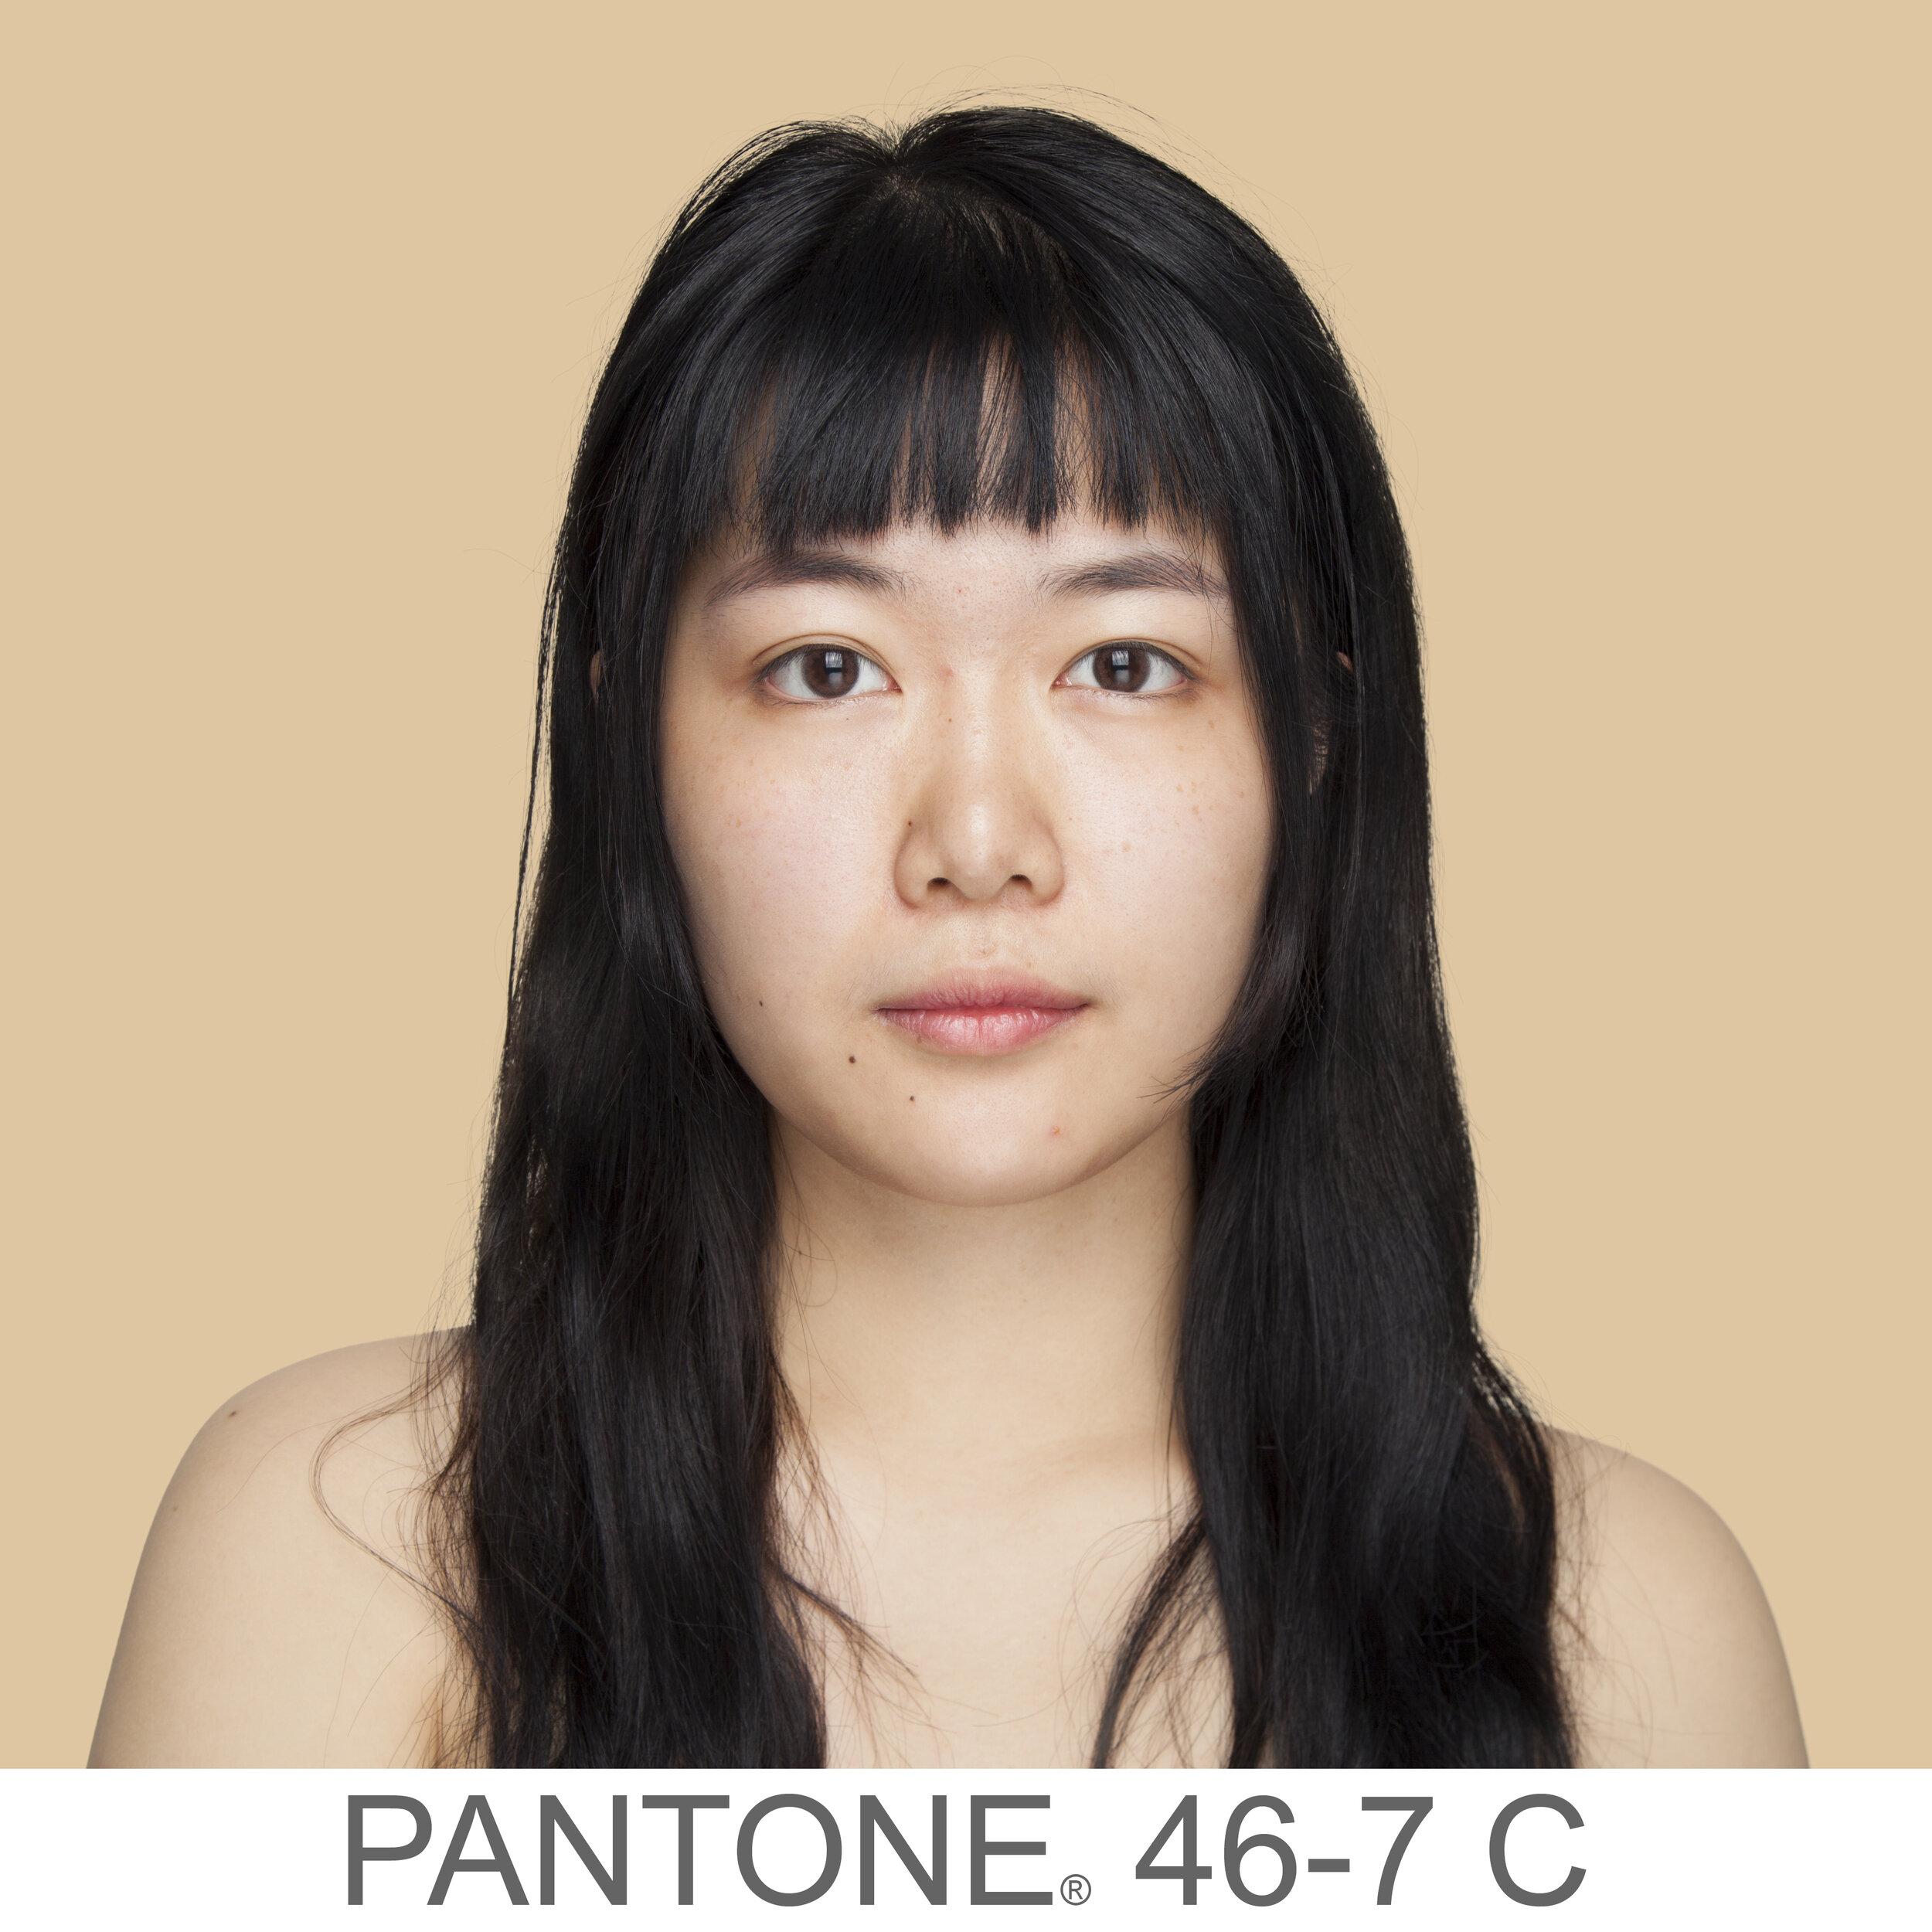 humanae 46-7 C CN copia.jpg